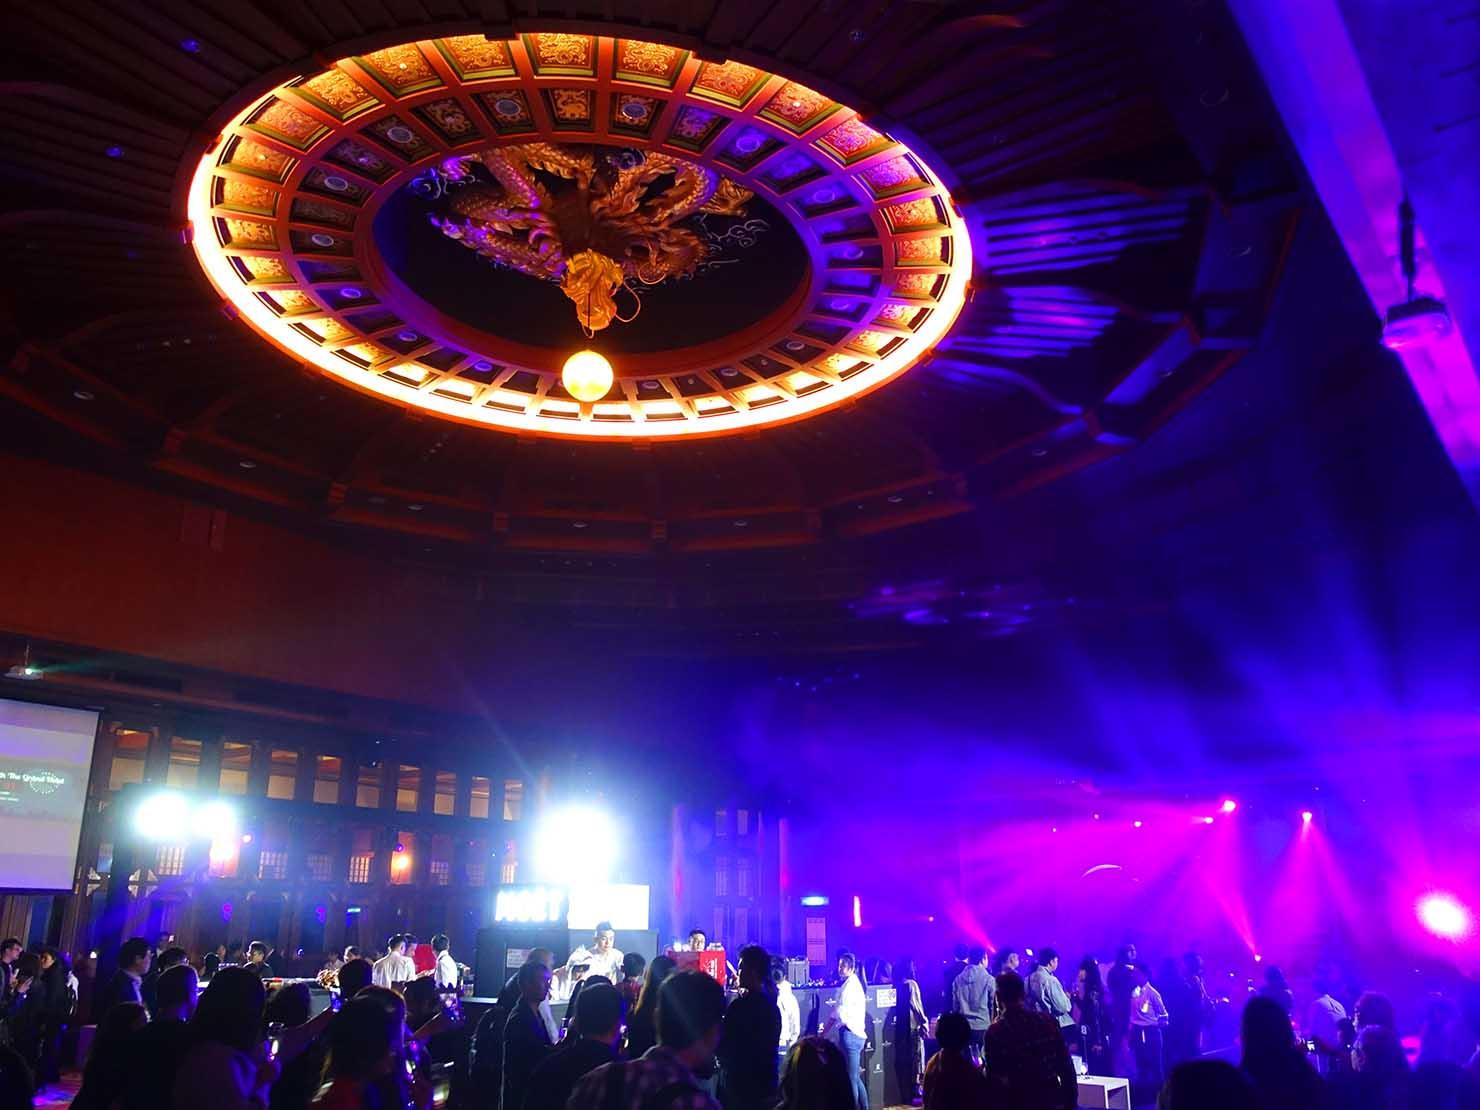 台北・圓山大飯店のカウントダウンパーティー「Bling Bling跨年派對」会場